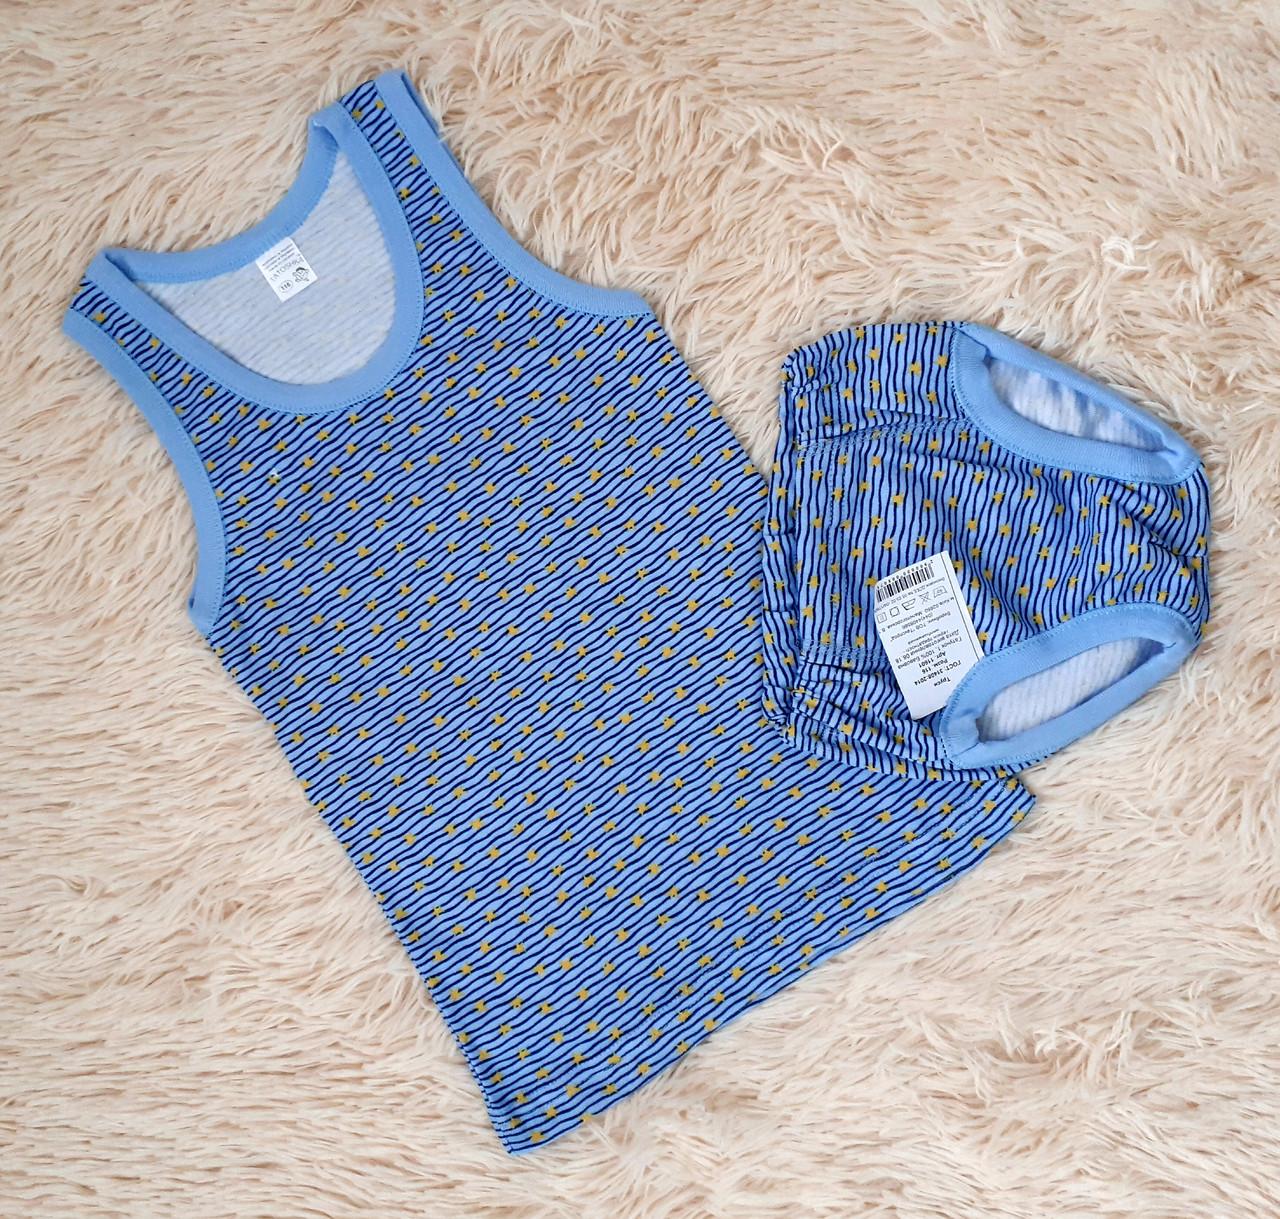 Майка и трусики комплект для мальчика голубого цвета в звезды (Украина) Татошка размер 116